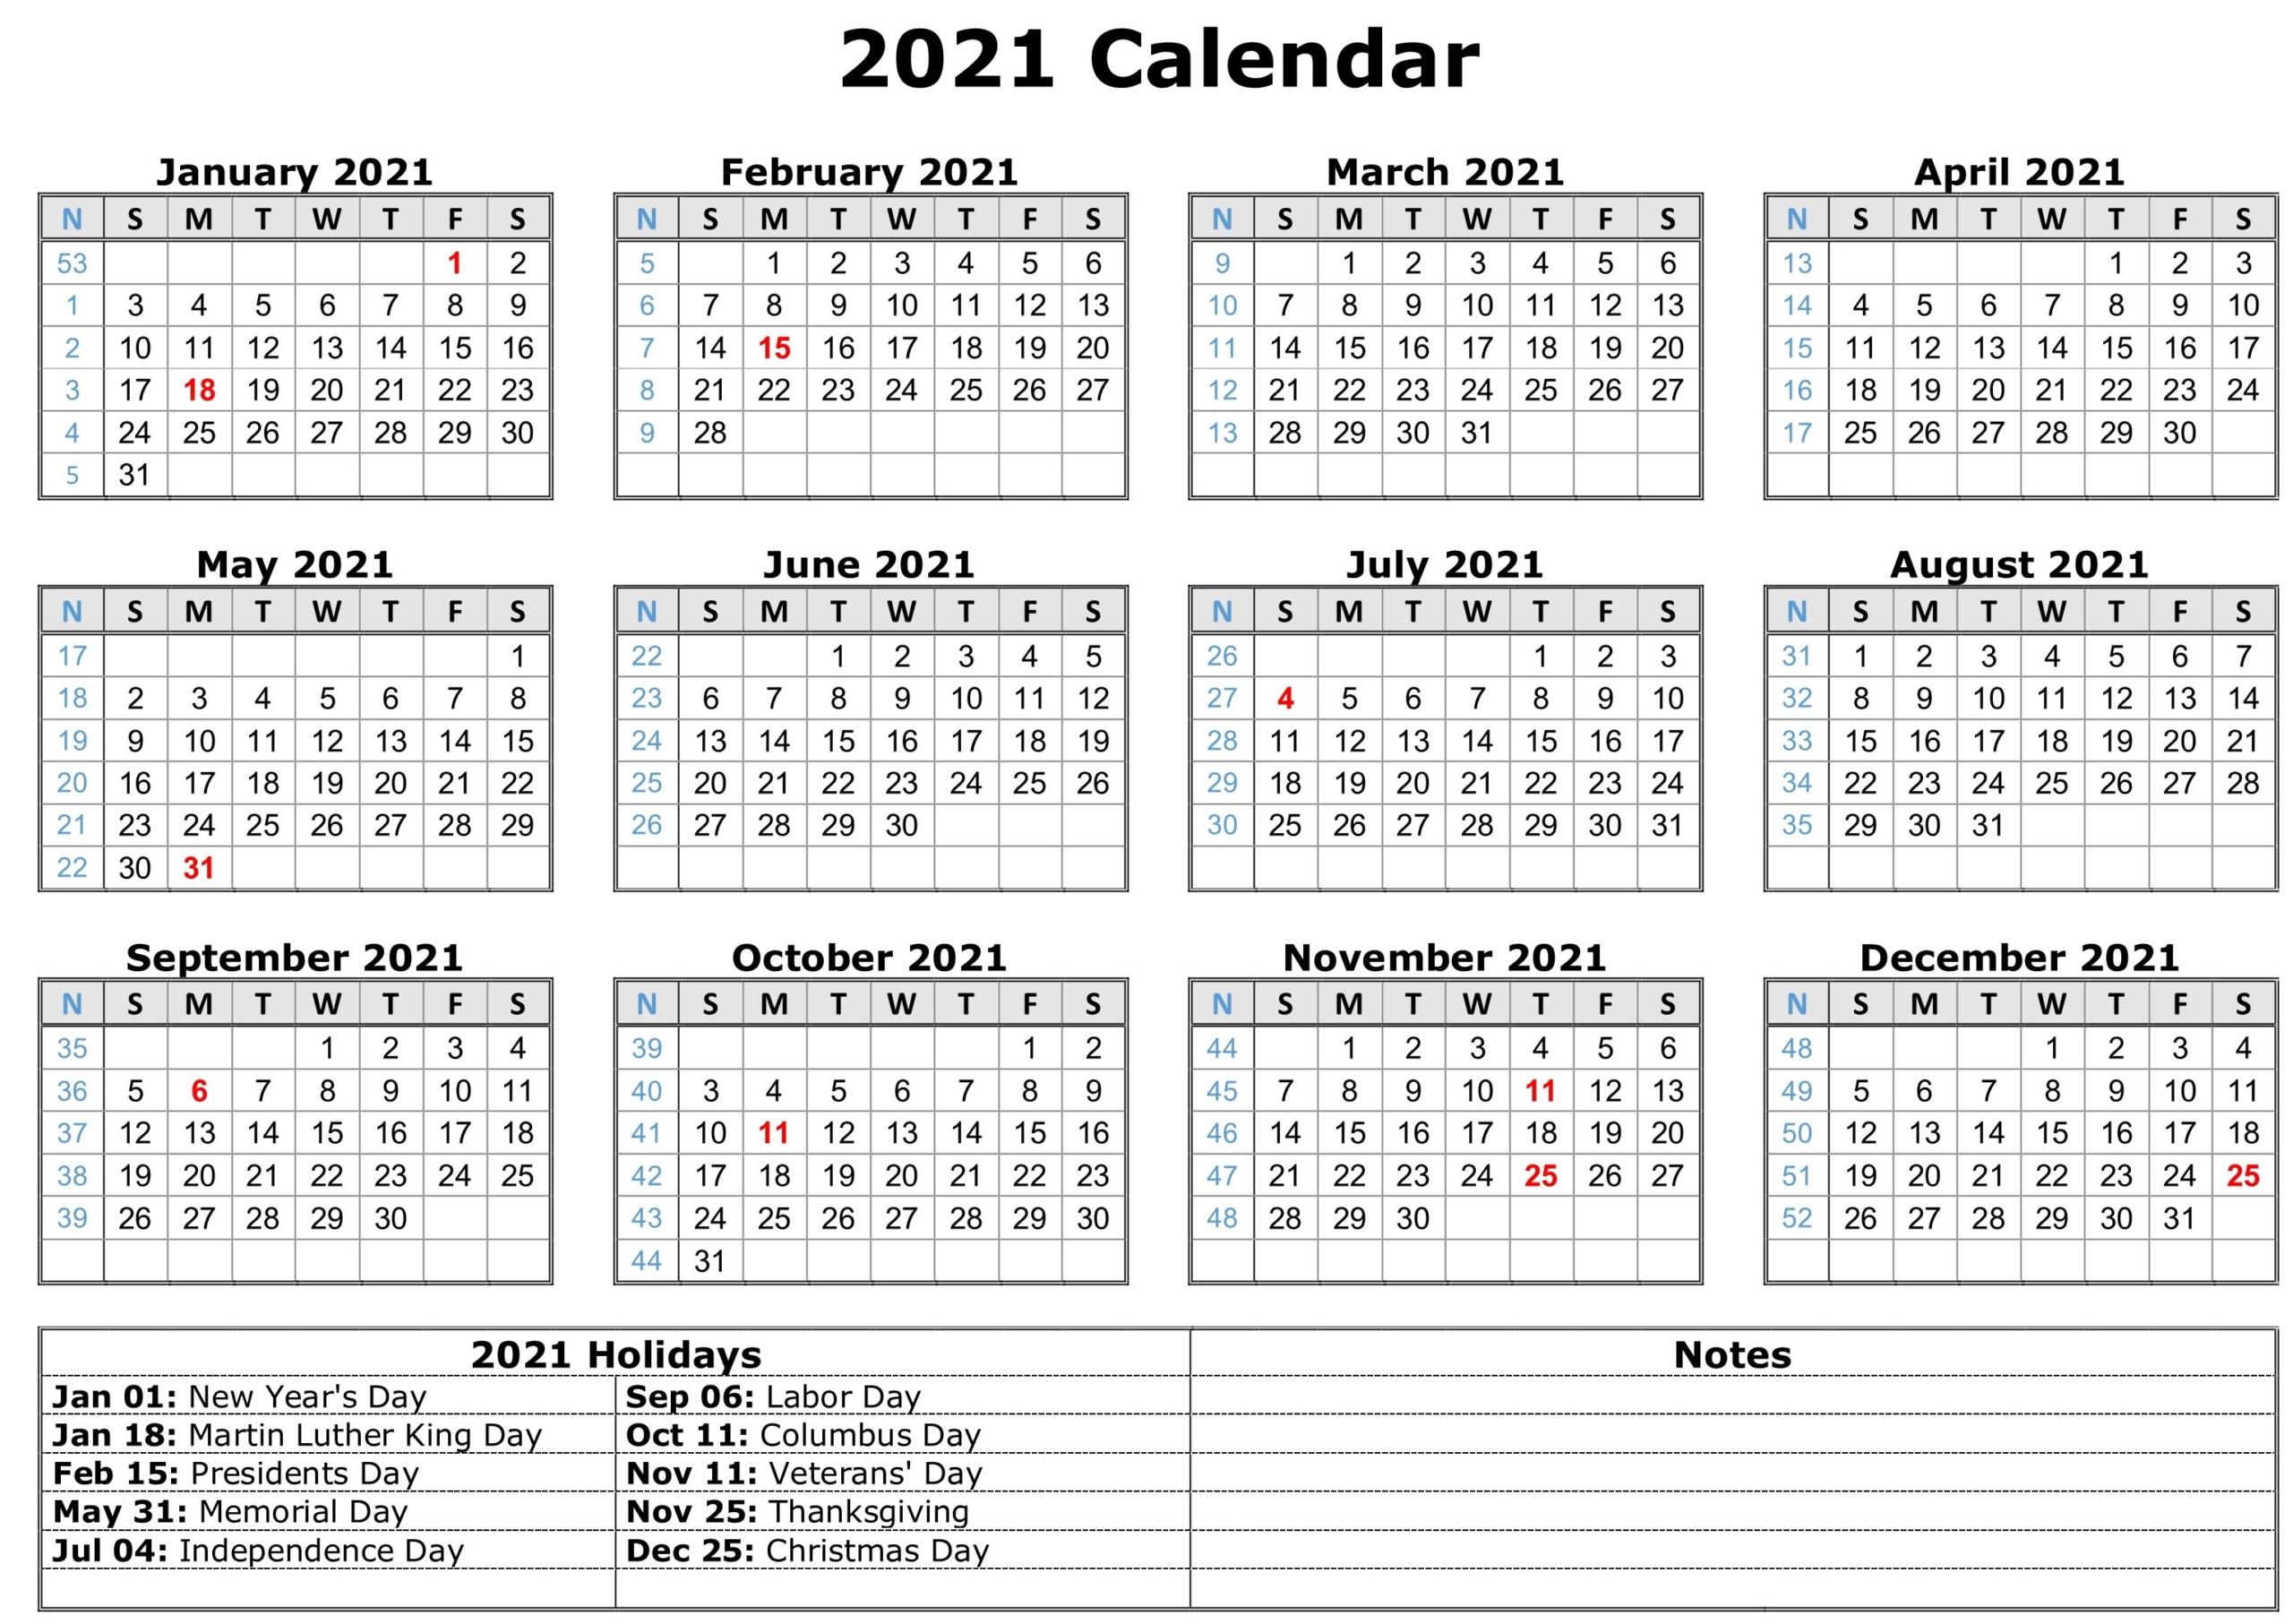 2021 Calendars With Holidays Printable - Printable Calendar-Printable Calendar 2021 With Major Holidays